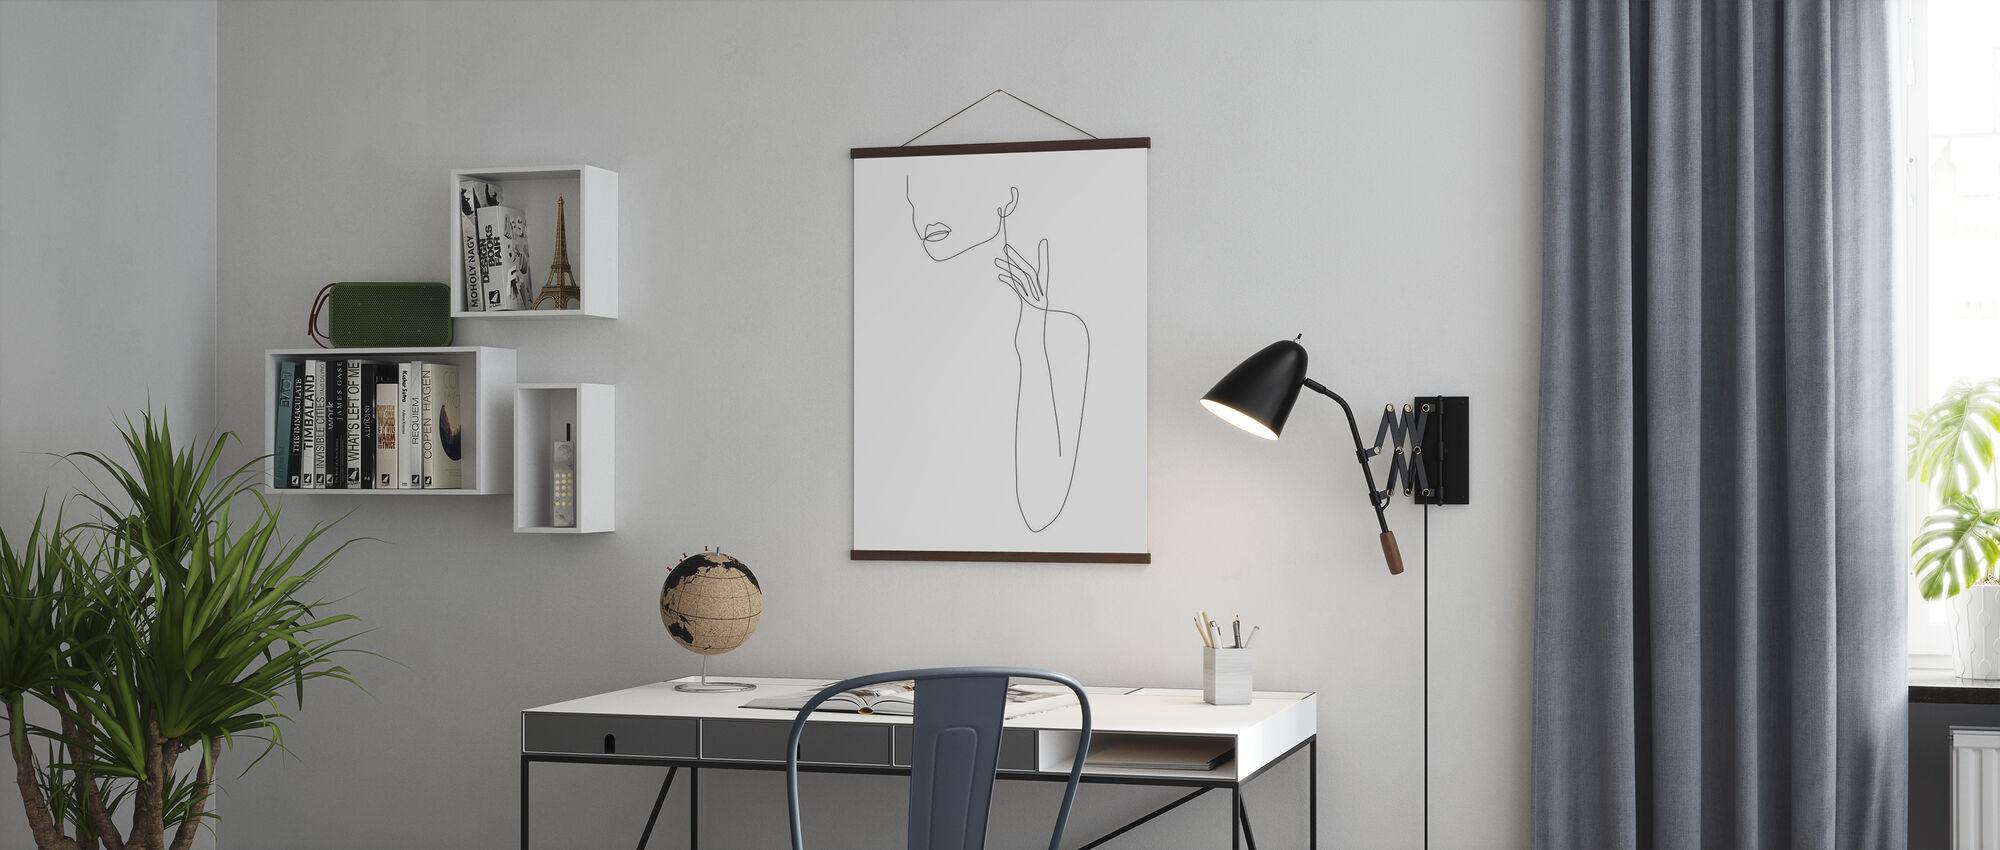 Single Touch - Affiche - Bureau